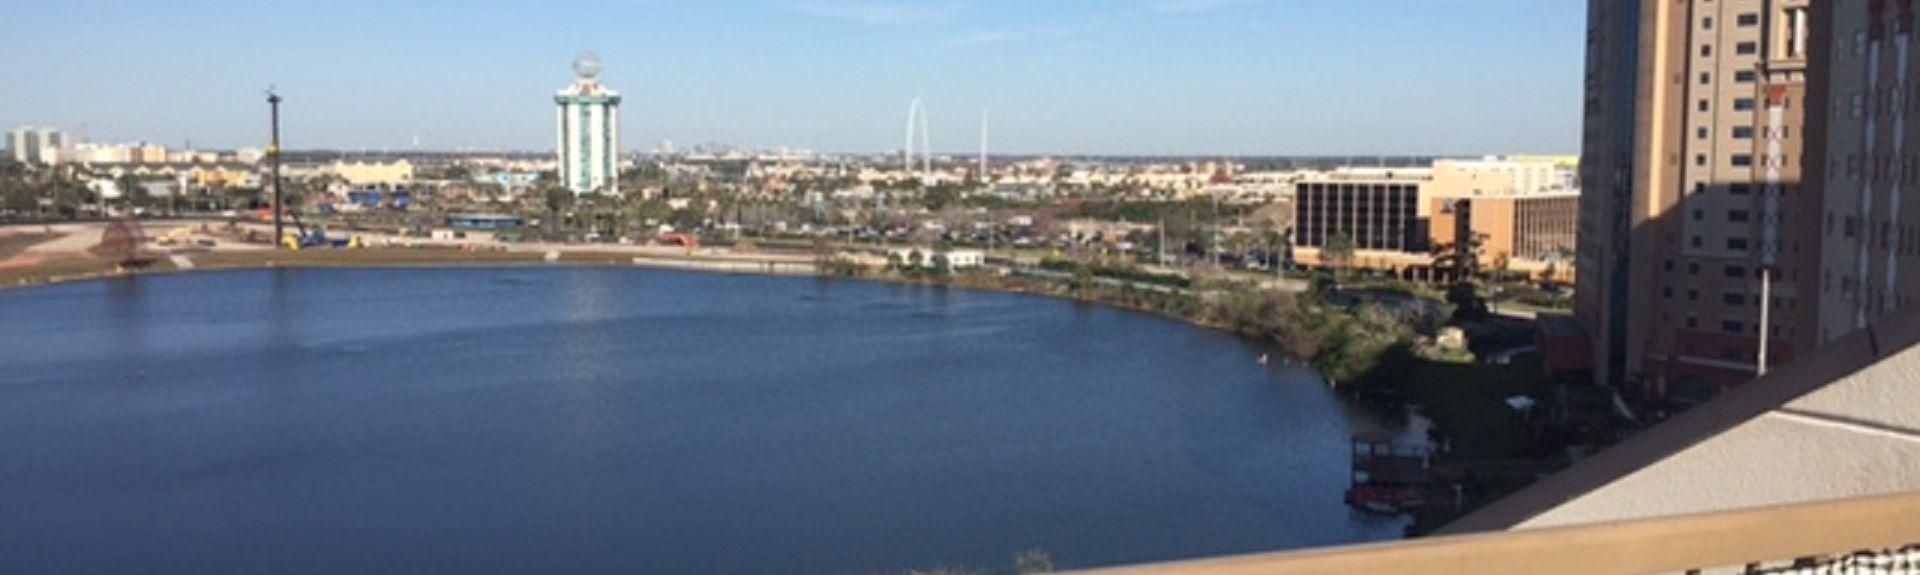 Rock Lake, Orlando, Florida, United States of America